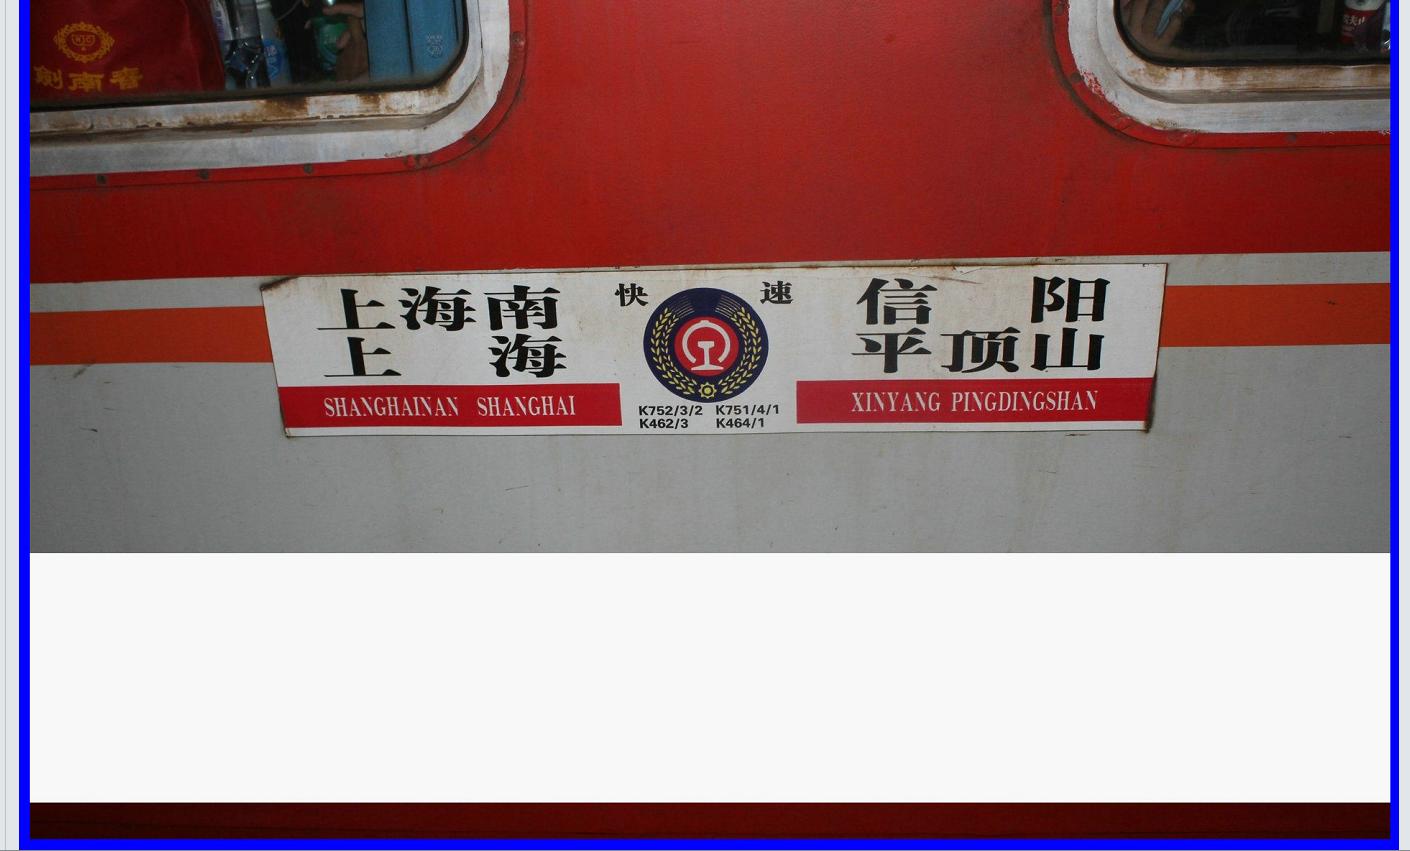 武穴火车站_k751火车8号车厢117号座位在哪里,靠窗还是过道_百度知道